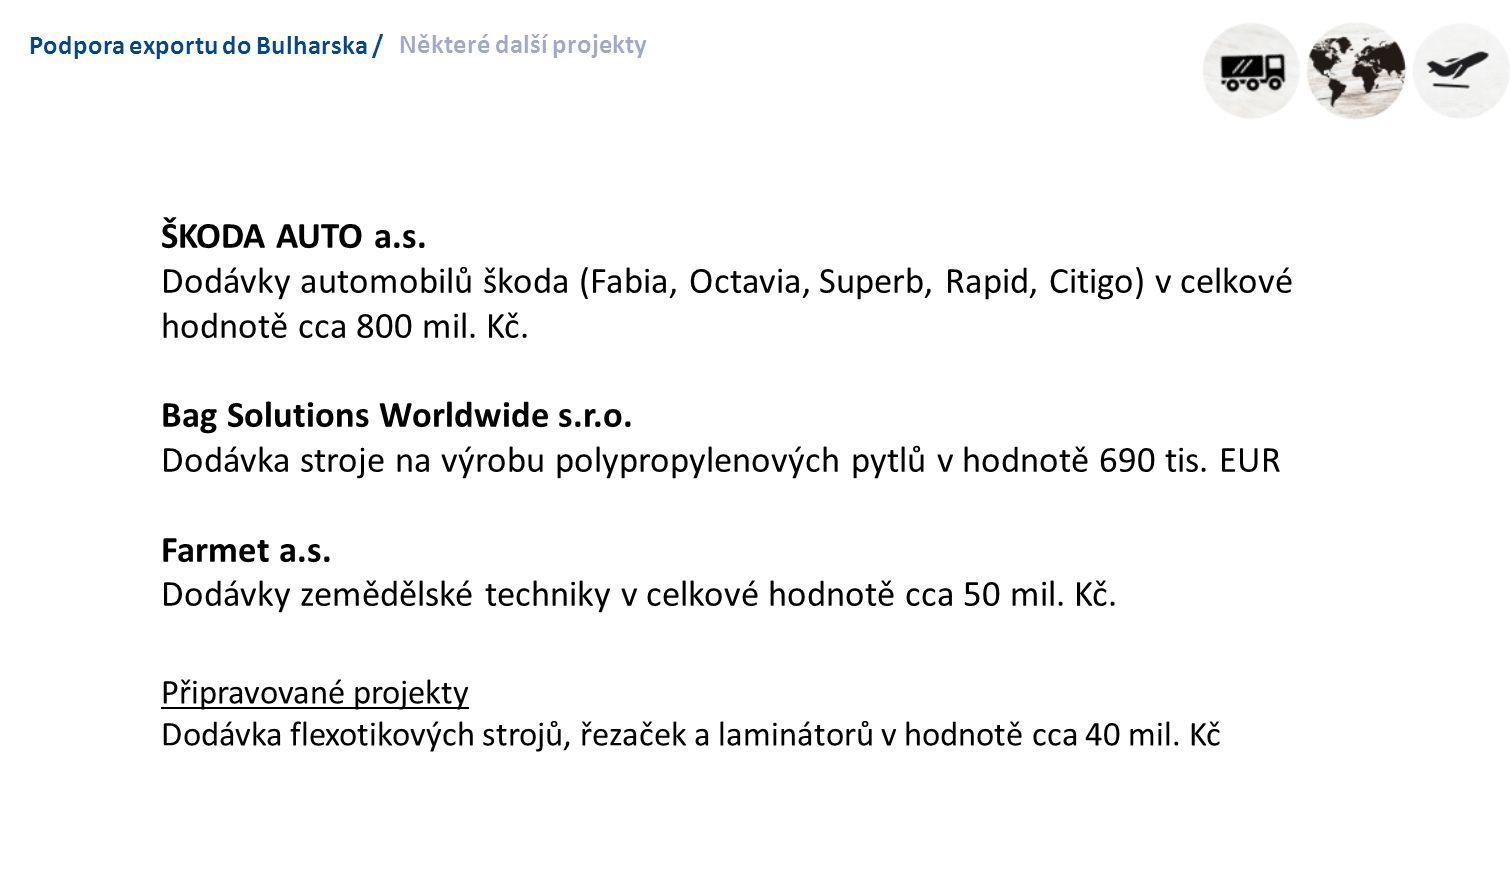 Podpora exportu do Bulharska / Některé další projekty ŠKODA AUTO a.s.